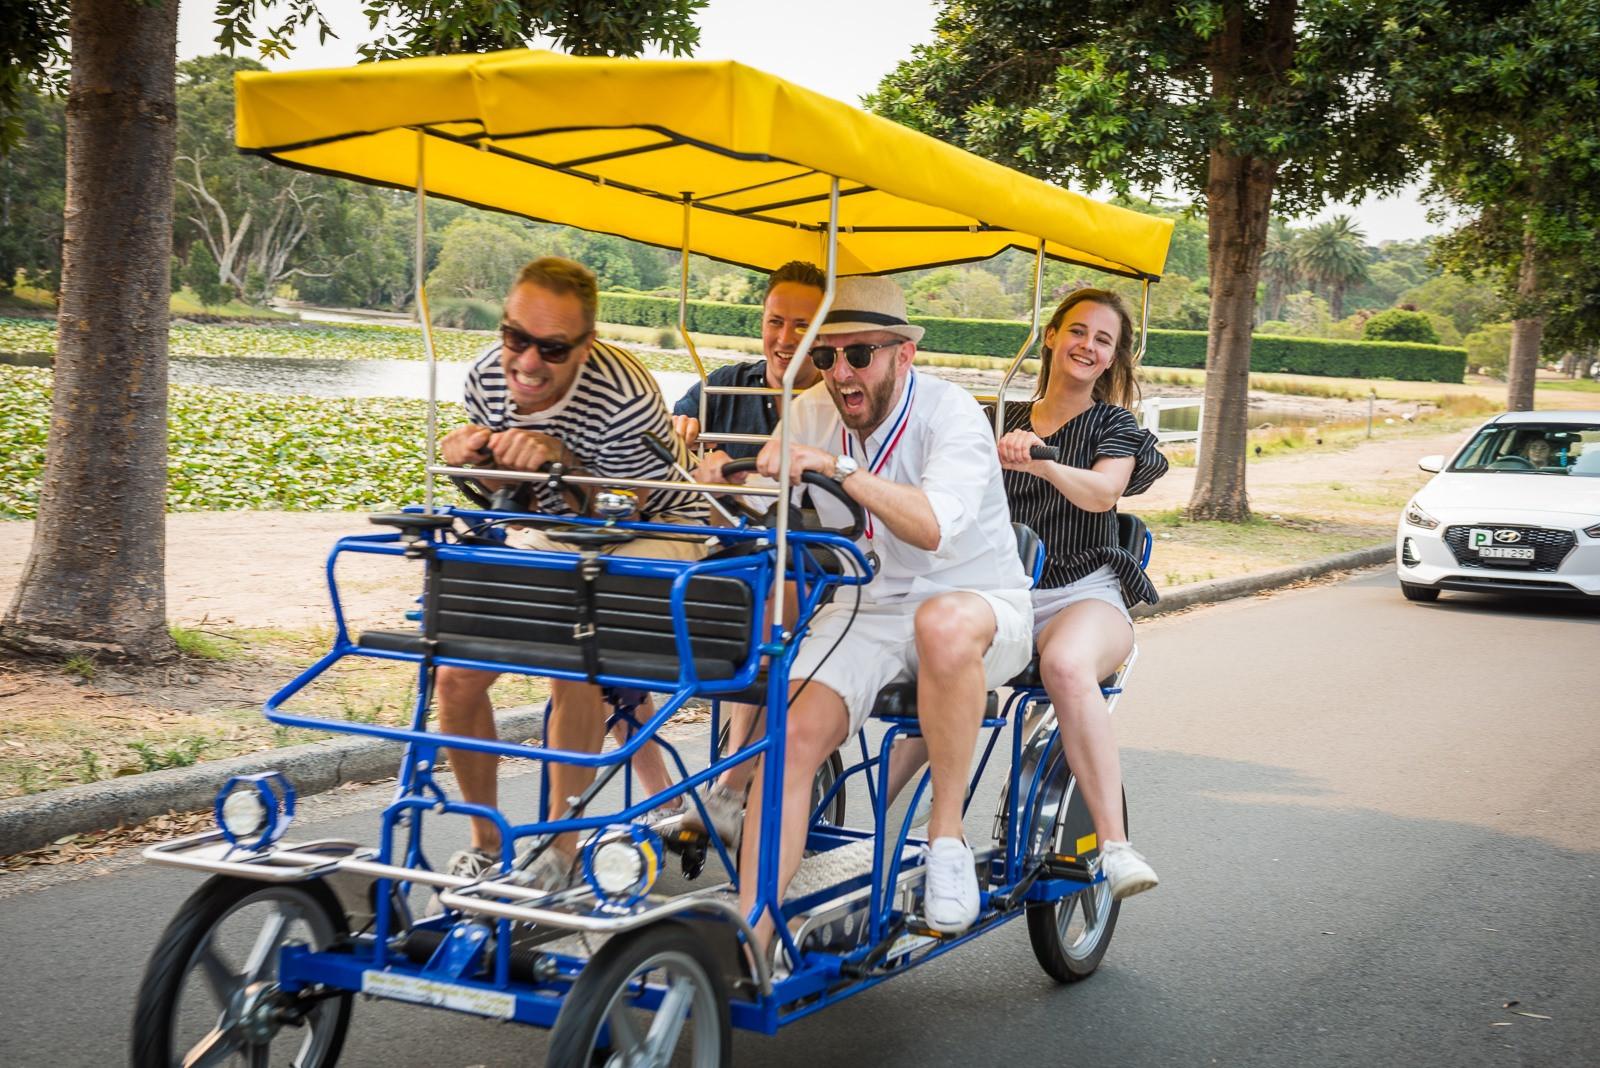 Pedal Car Racing